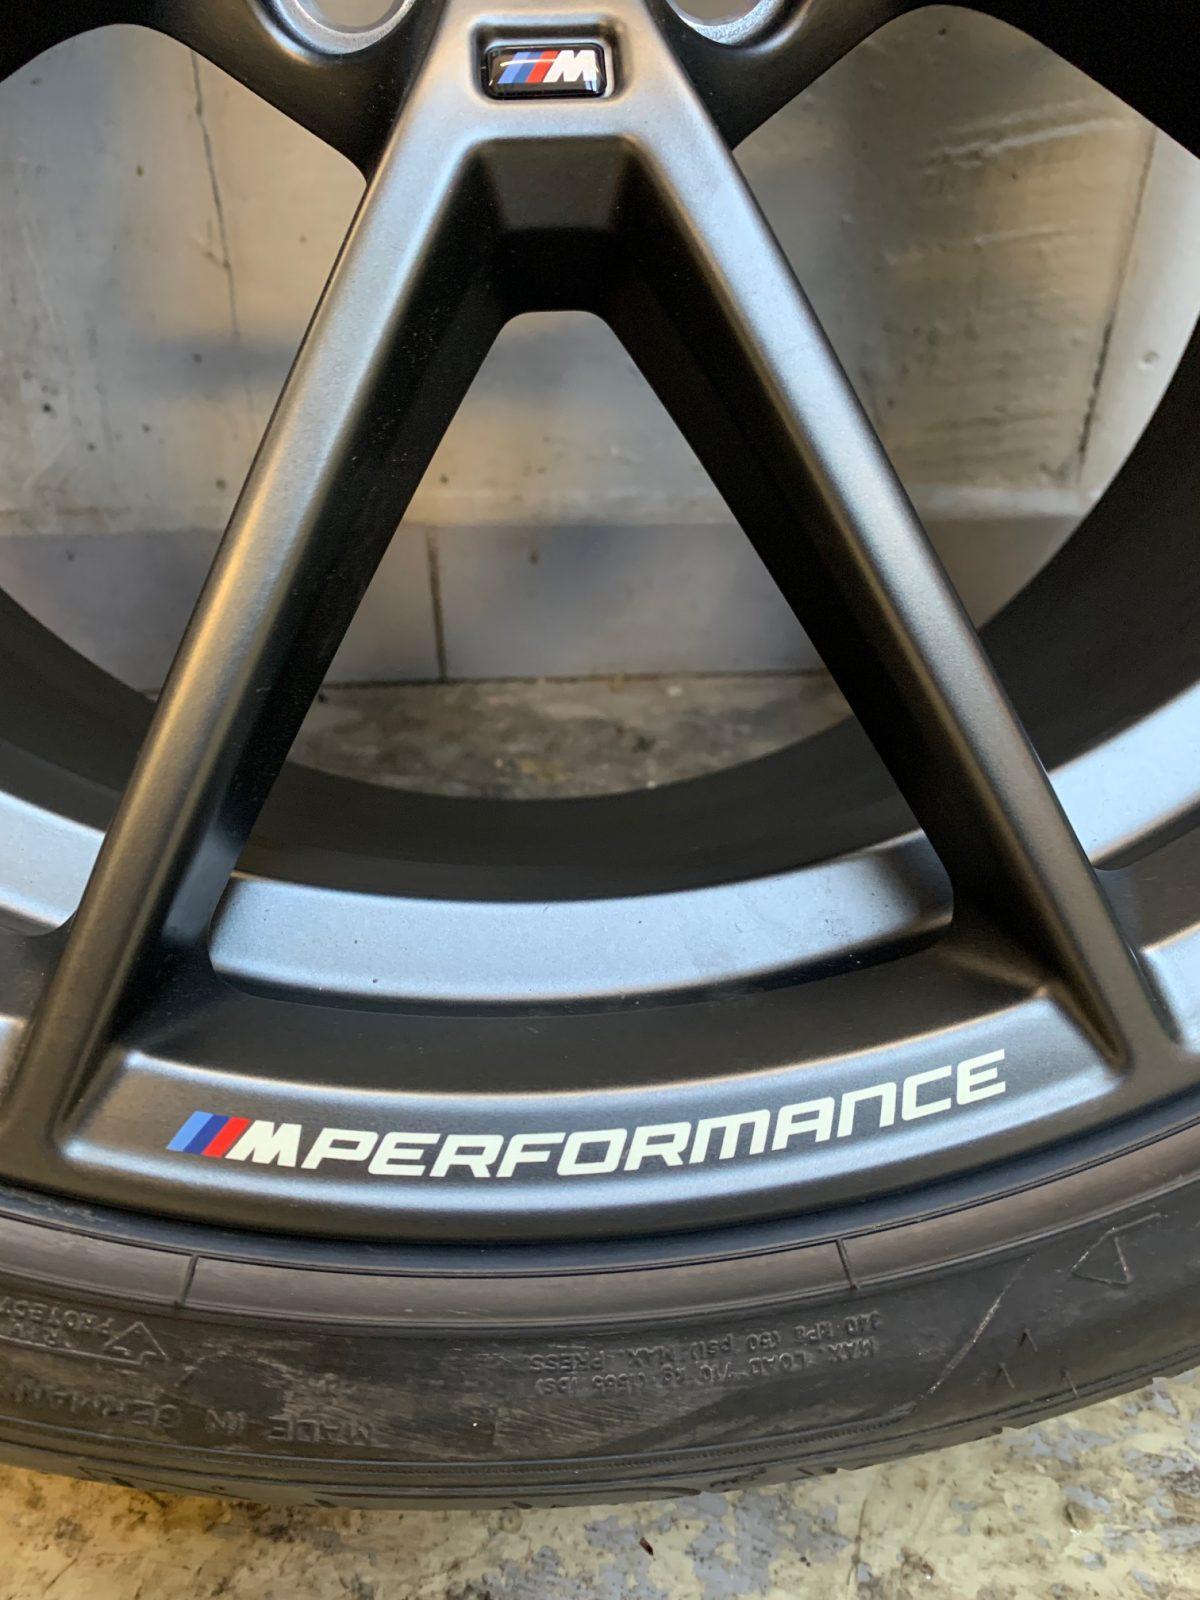 Gyári alufelni BMW 3 G20 (898M Performance) 8X19 8,5x19 új nyári garnitúra! Goodyear gumikkal,nyomásszenzorral 3